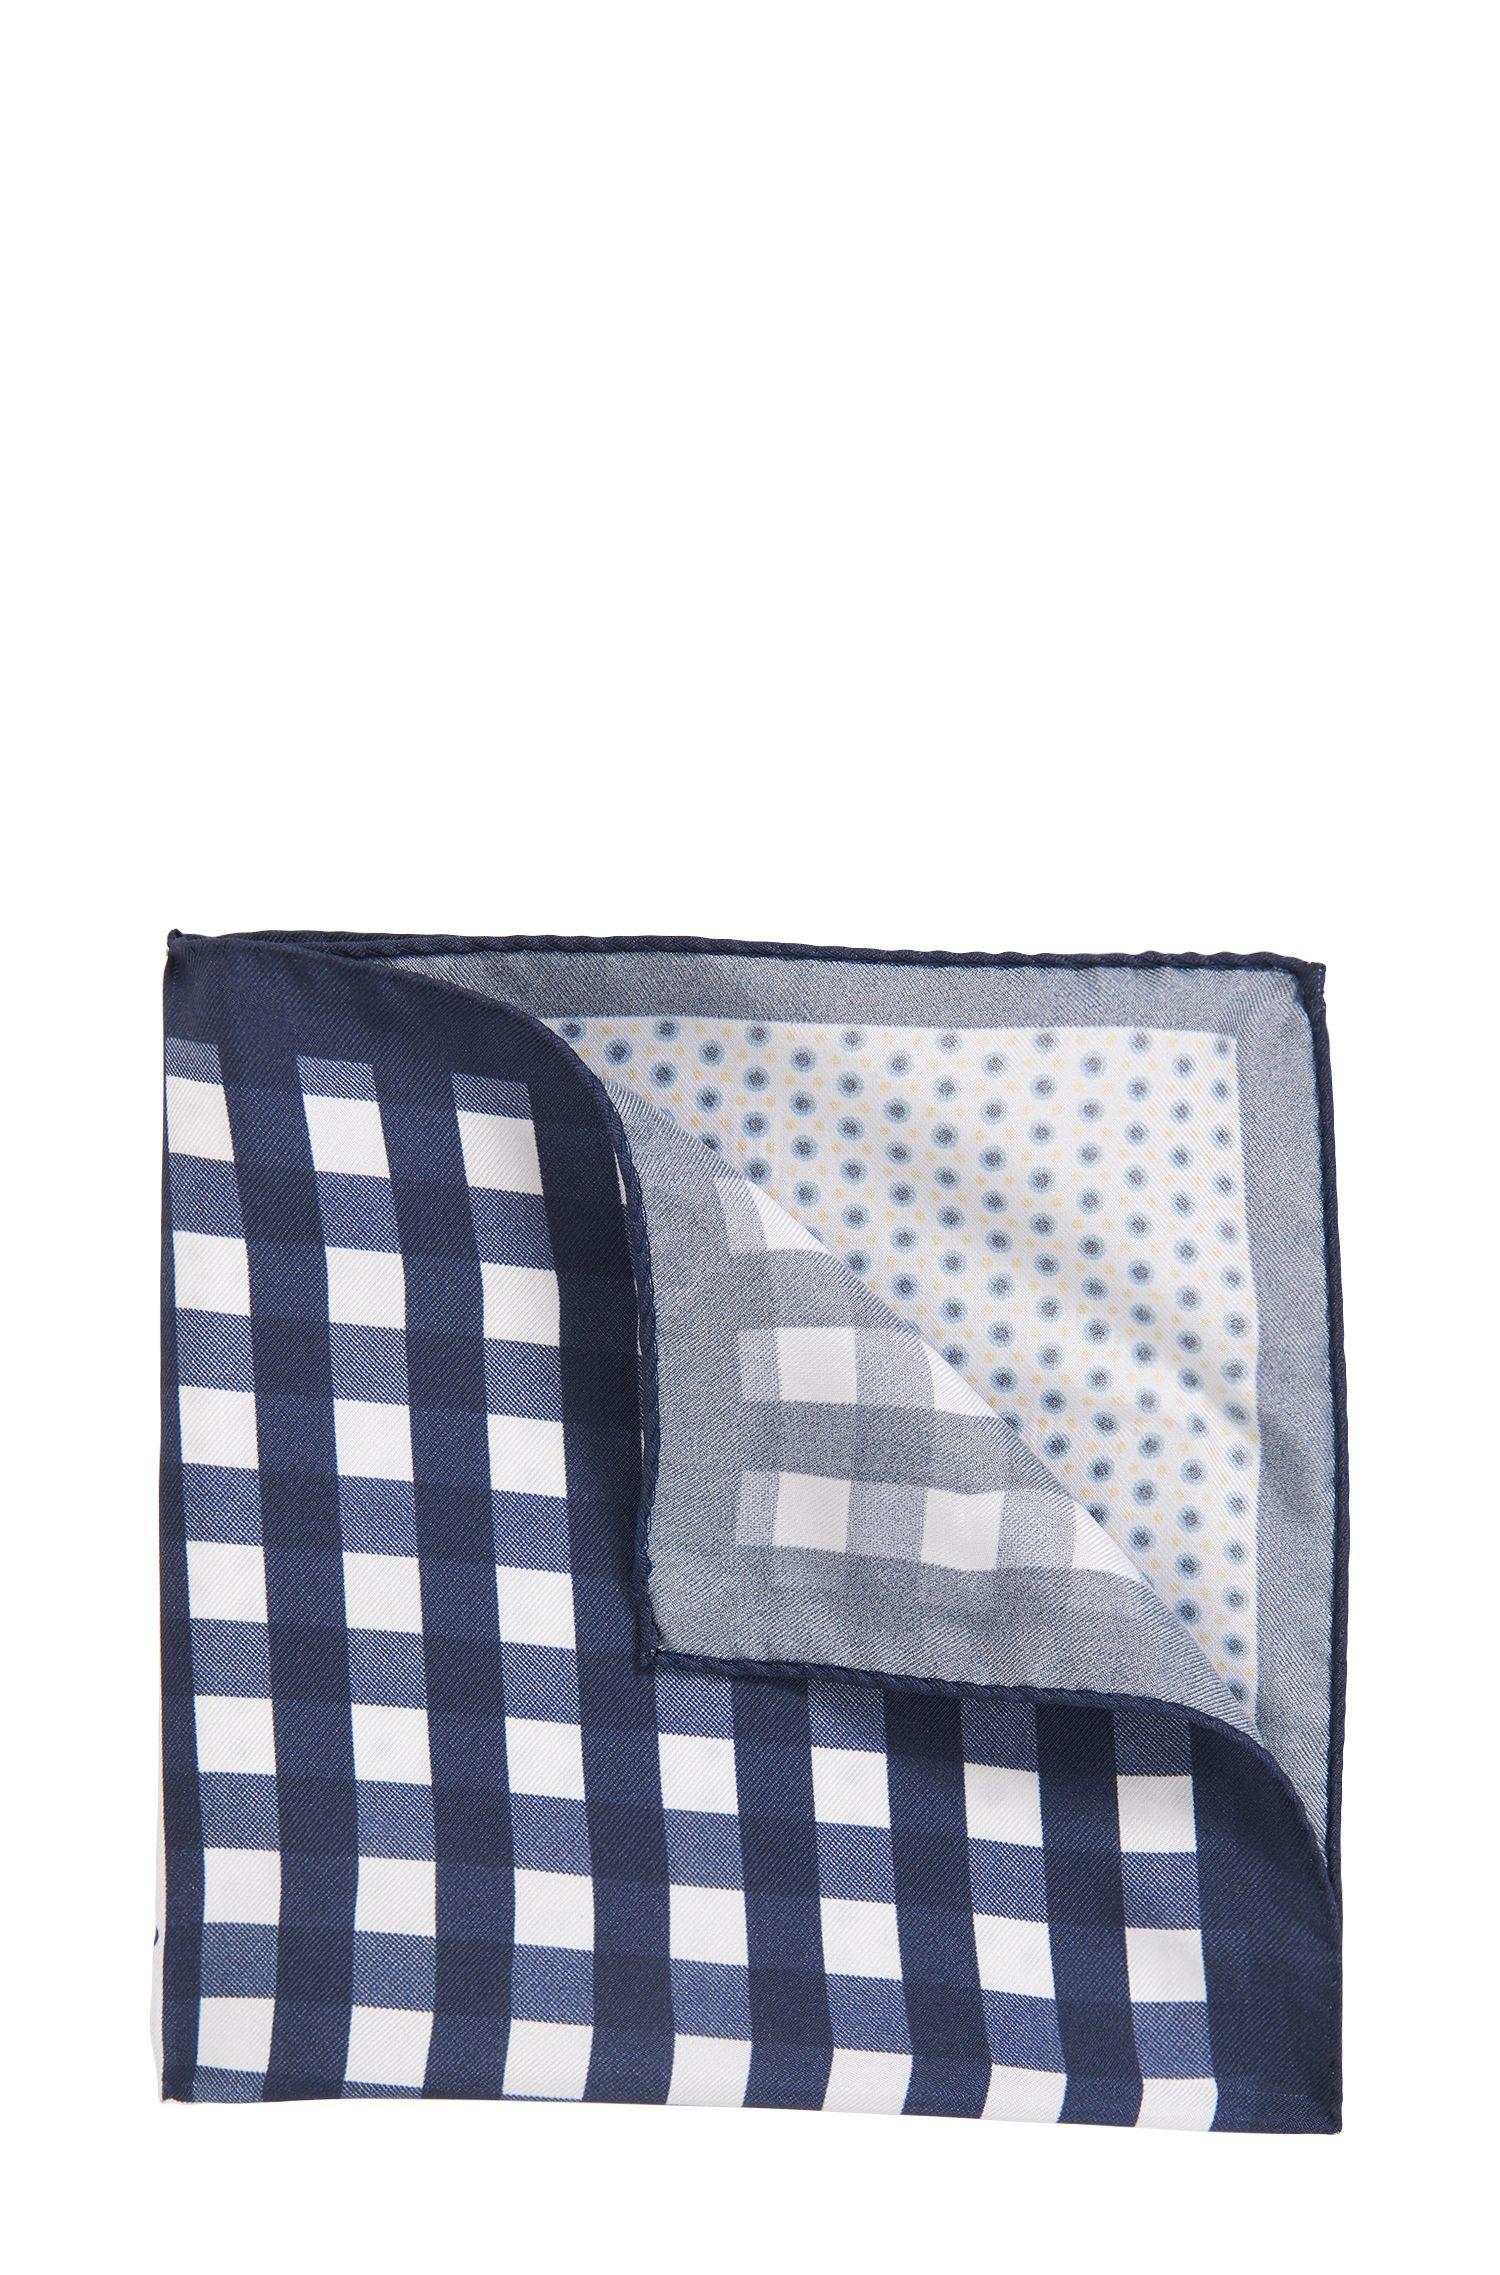 Pañuelo de bolsillo en pura seda con diferentes estampados